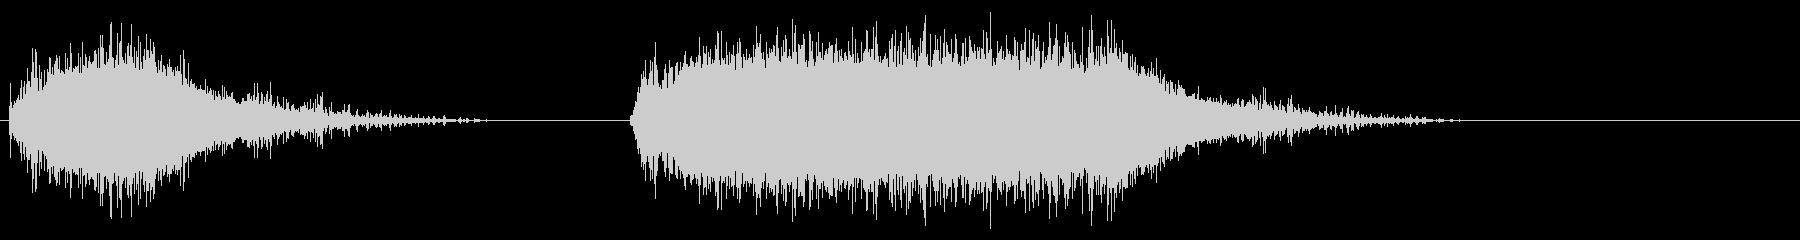 電動研削盤-ハンドヘルド-オン-オ...の未再生の波形